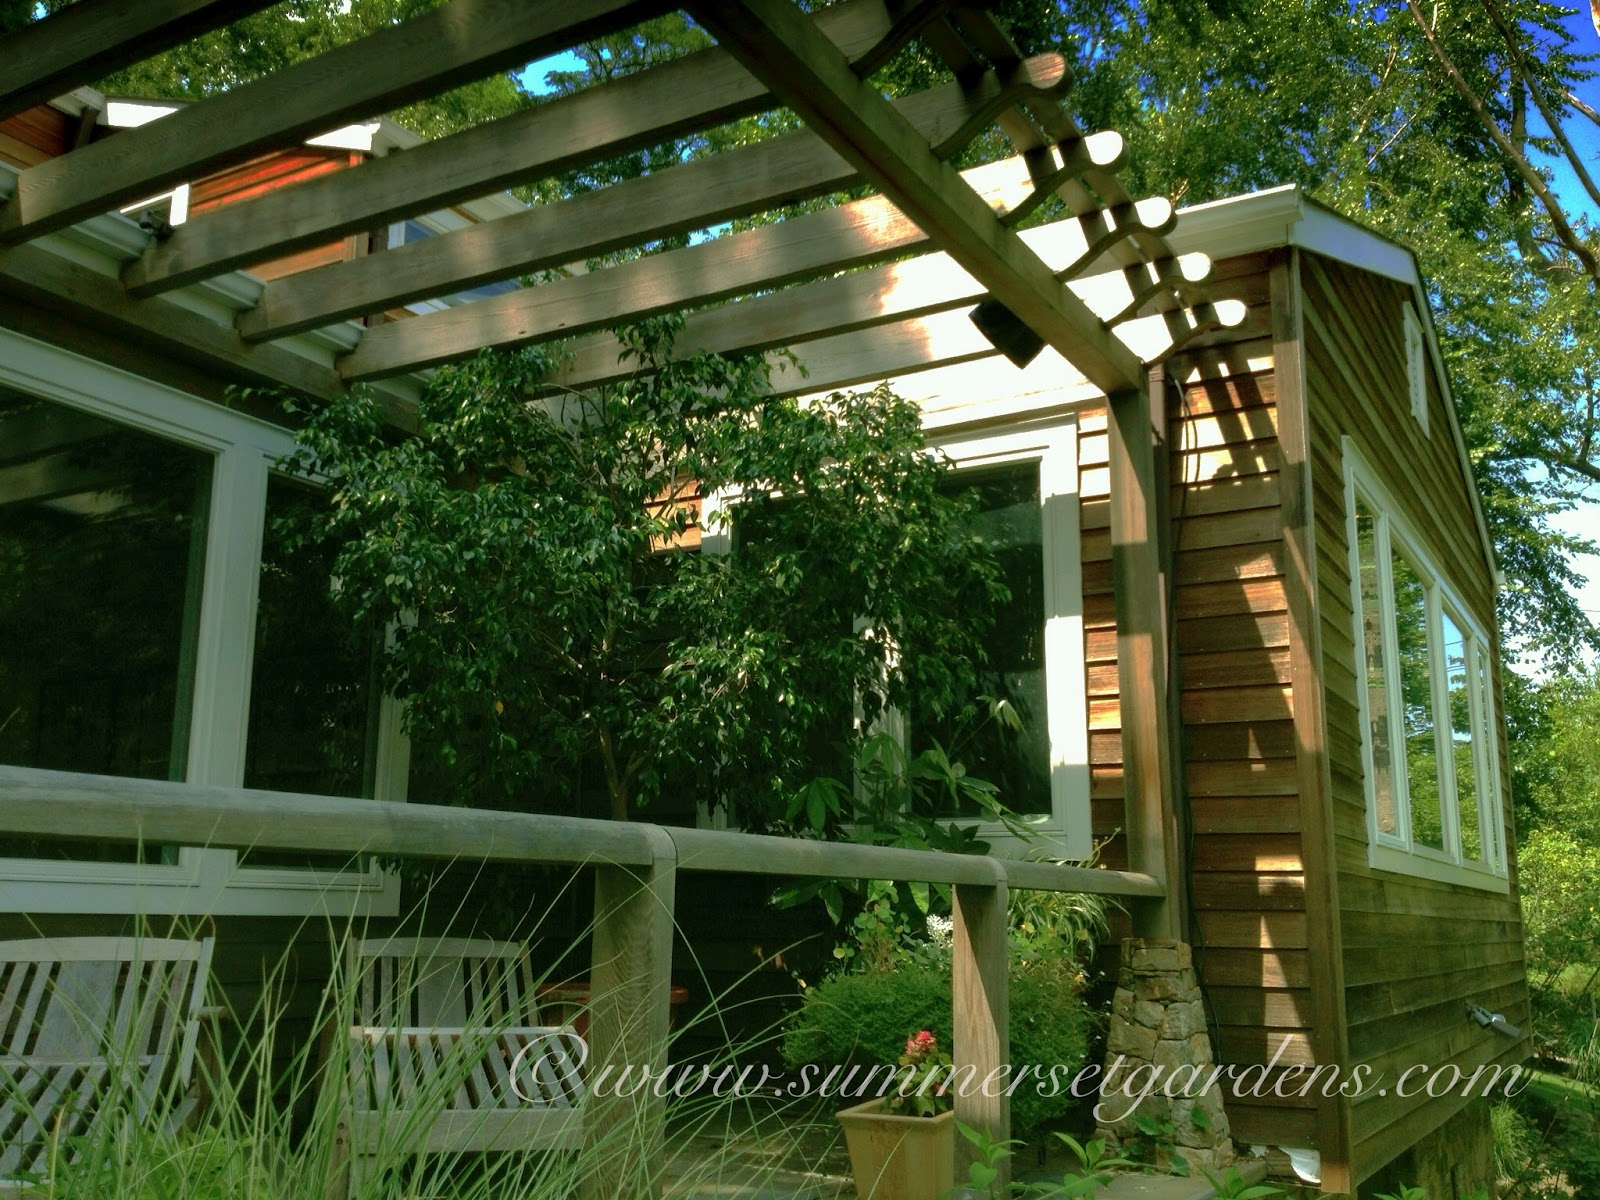 Garden Design: A Small Terrace & Pergola in a NY Garden